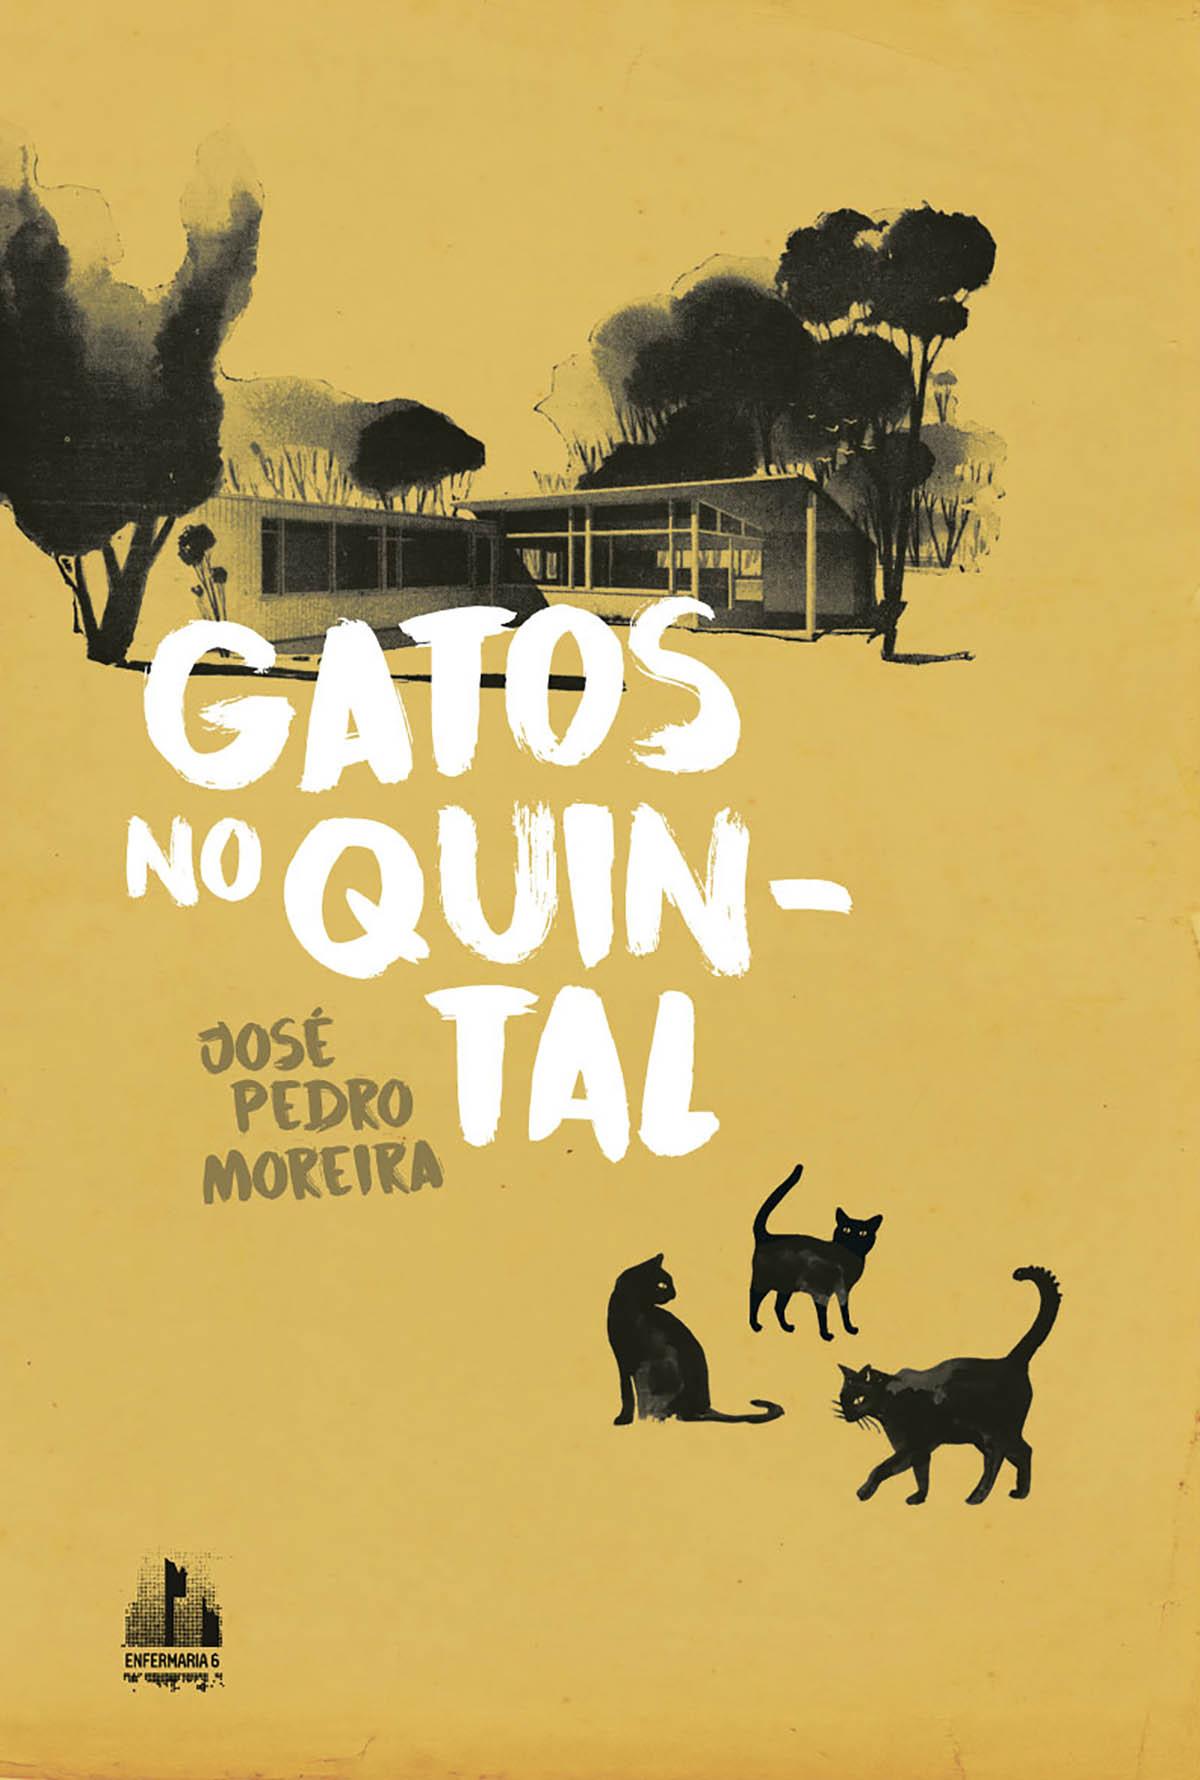 José Pedro Moreira, Gatos no quintal